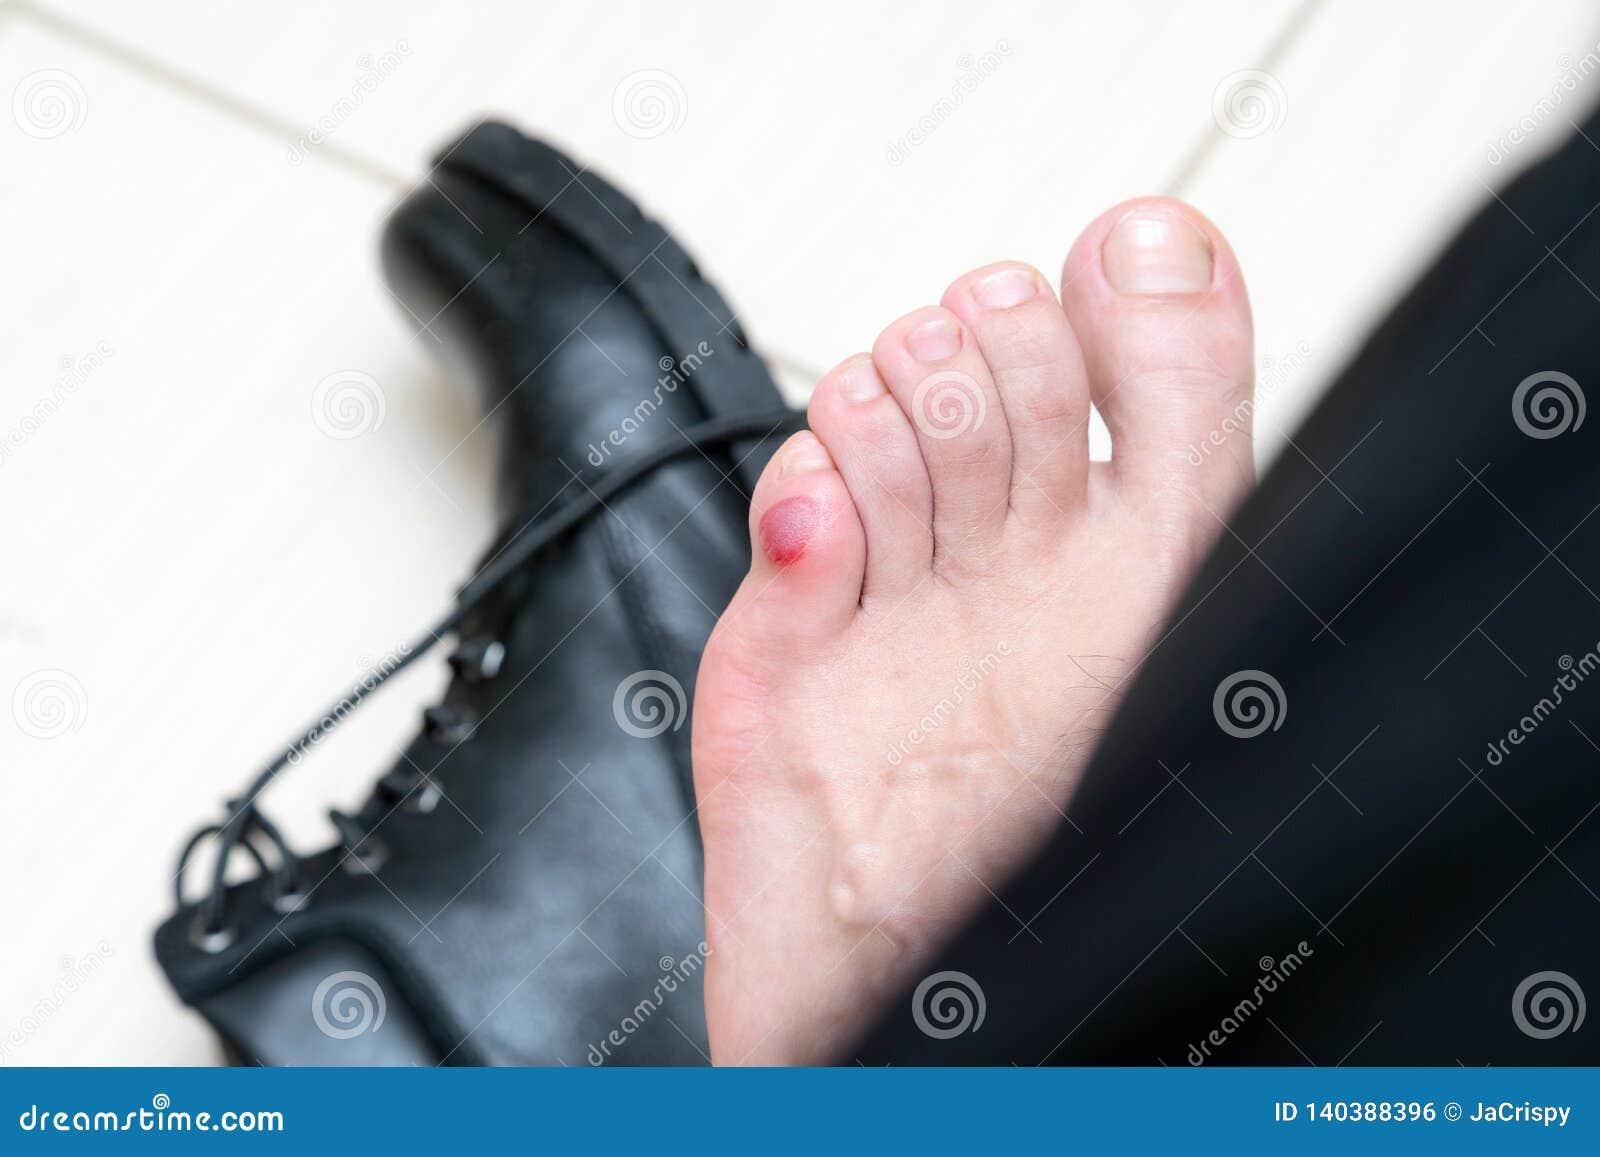 Blutige schreckliche Blase auf menschlichen Füßen mit den neuen schwarzen Lederschuhen, die herum legen